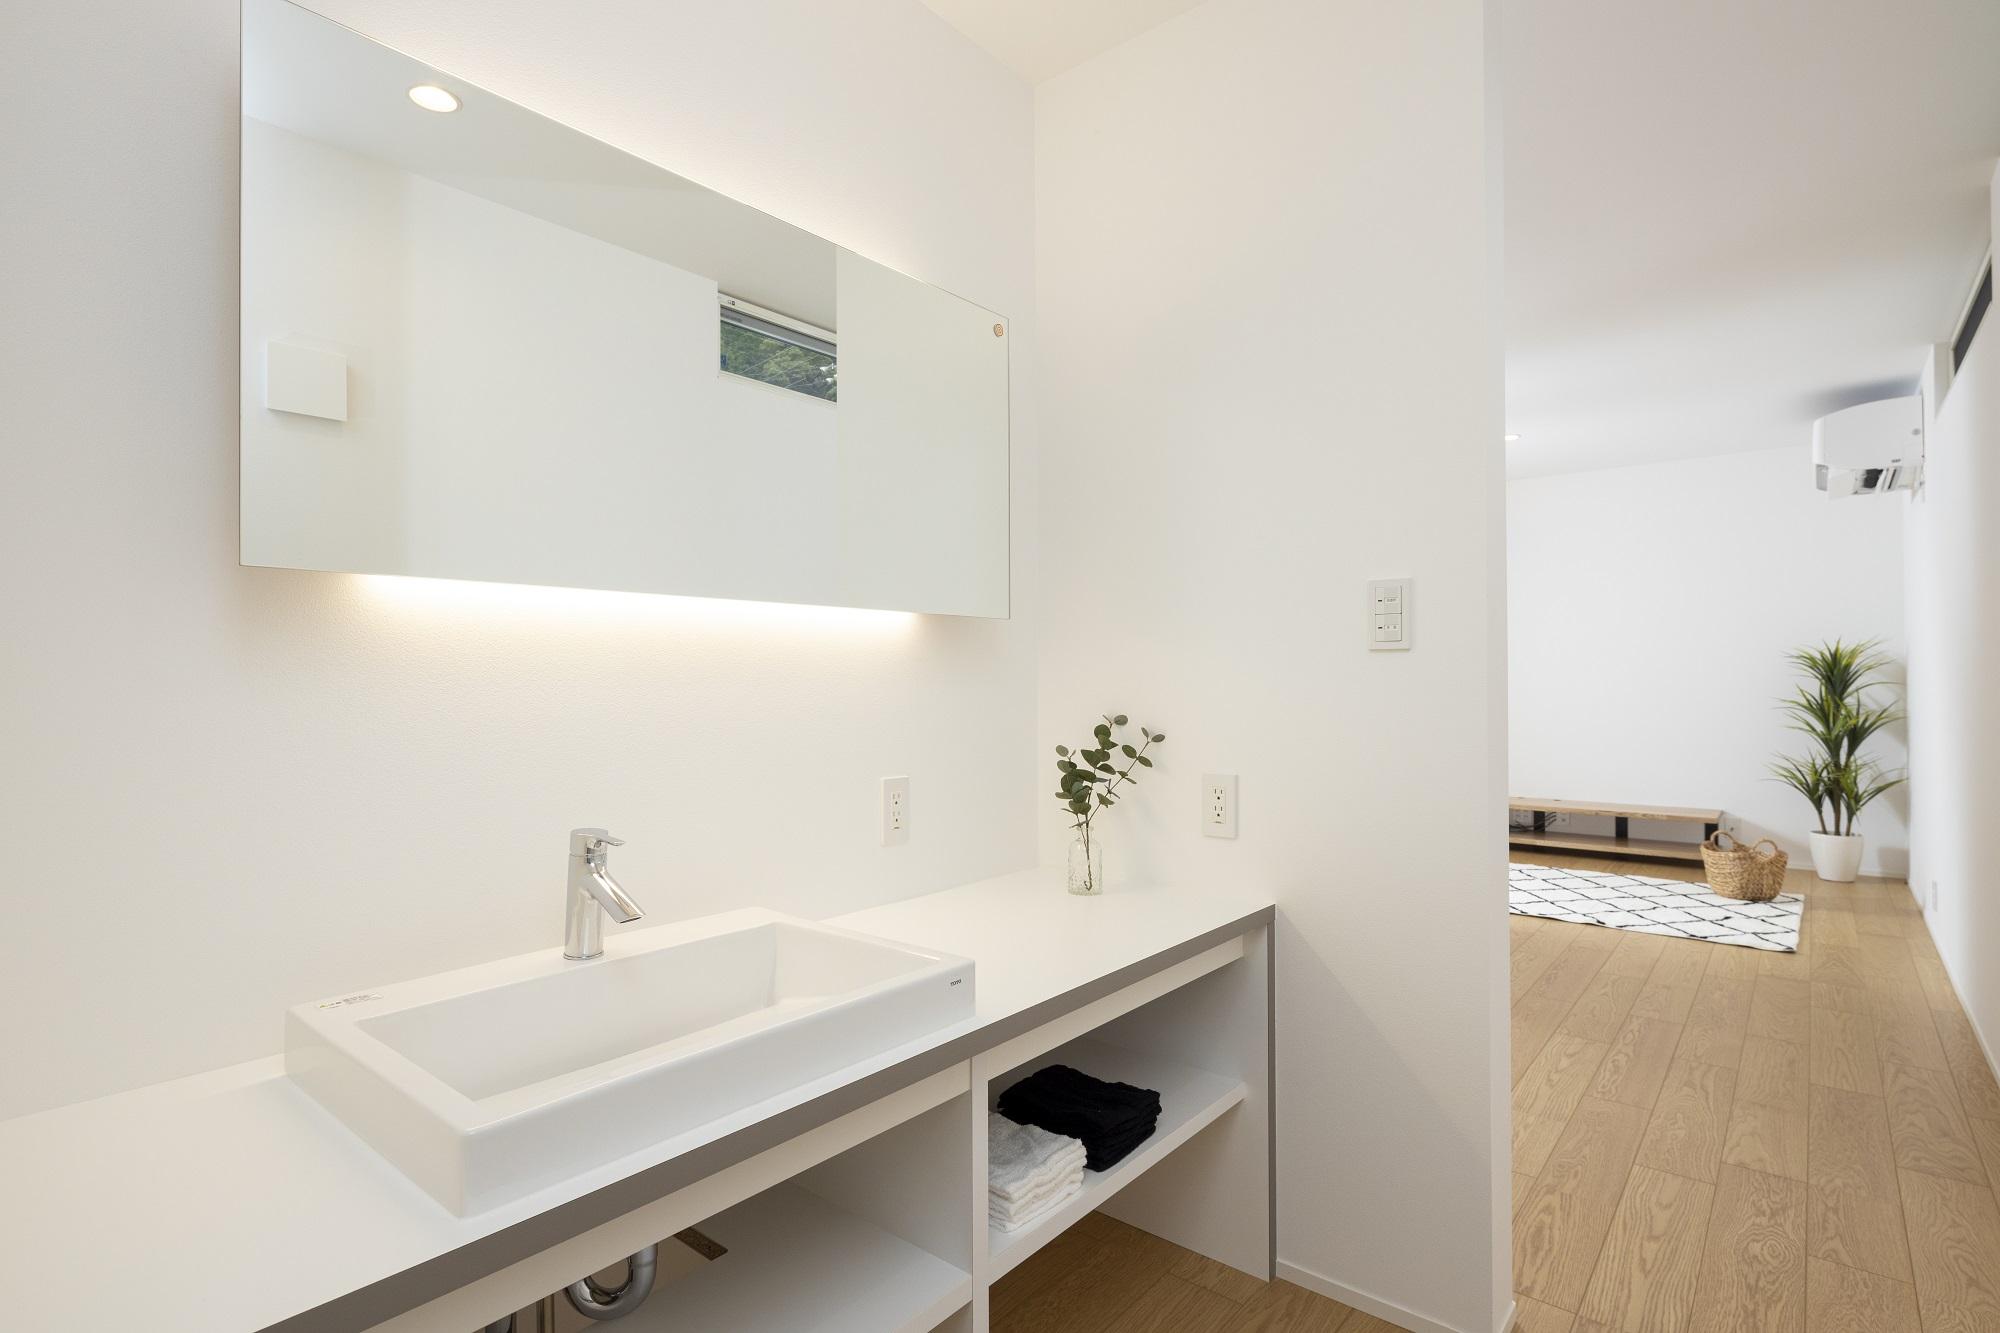 スタイルカーサ【デザイン住宅、趣味、屋上バルコニー】2Fの洗面はT様にイメージ写真を持ってきていただきそれを再現したそう。標準仕様のシンプルな洗面台に大きな一枚鏡に間接照明を組み込んだ